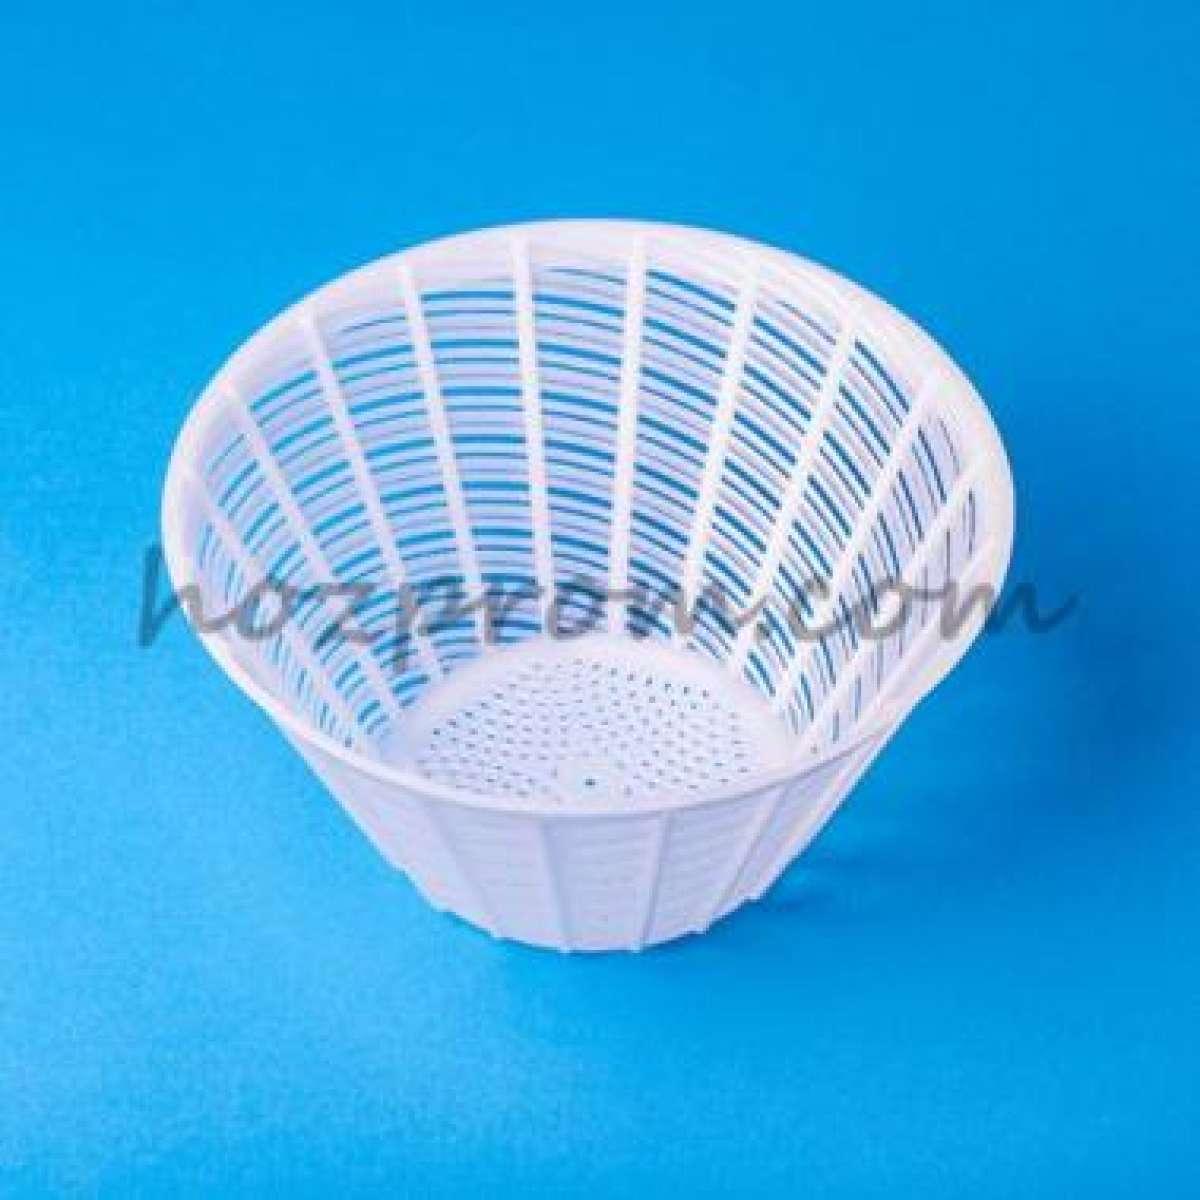 Форма для сыра Рикоттница Формы для сыроварения Купити форми для сиру фото 3